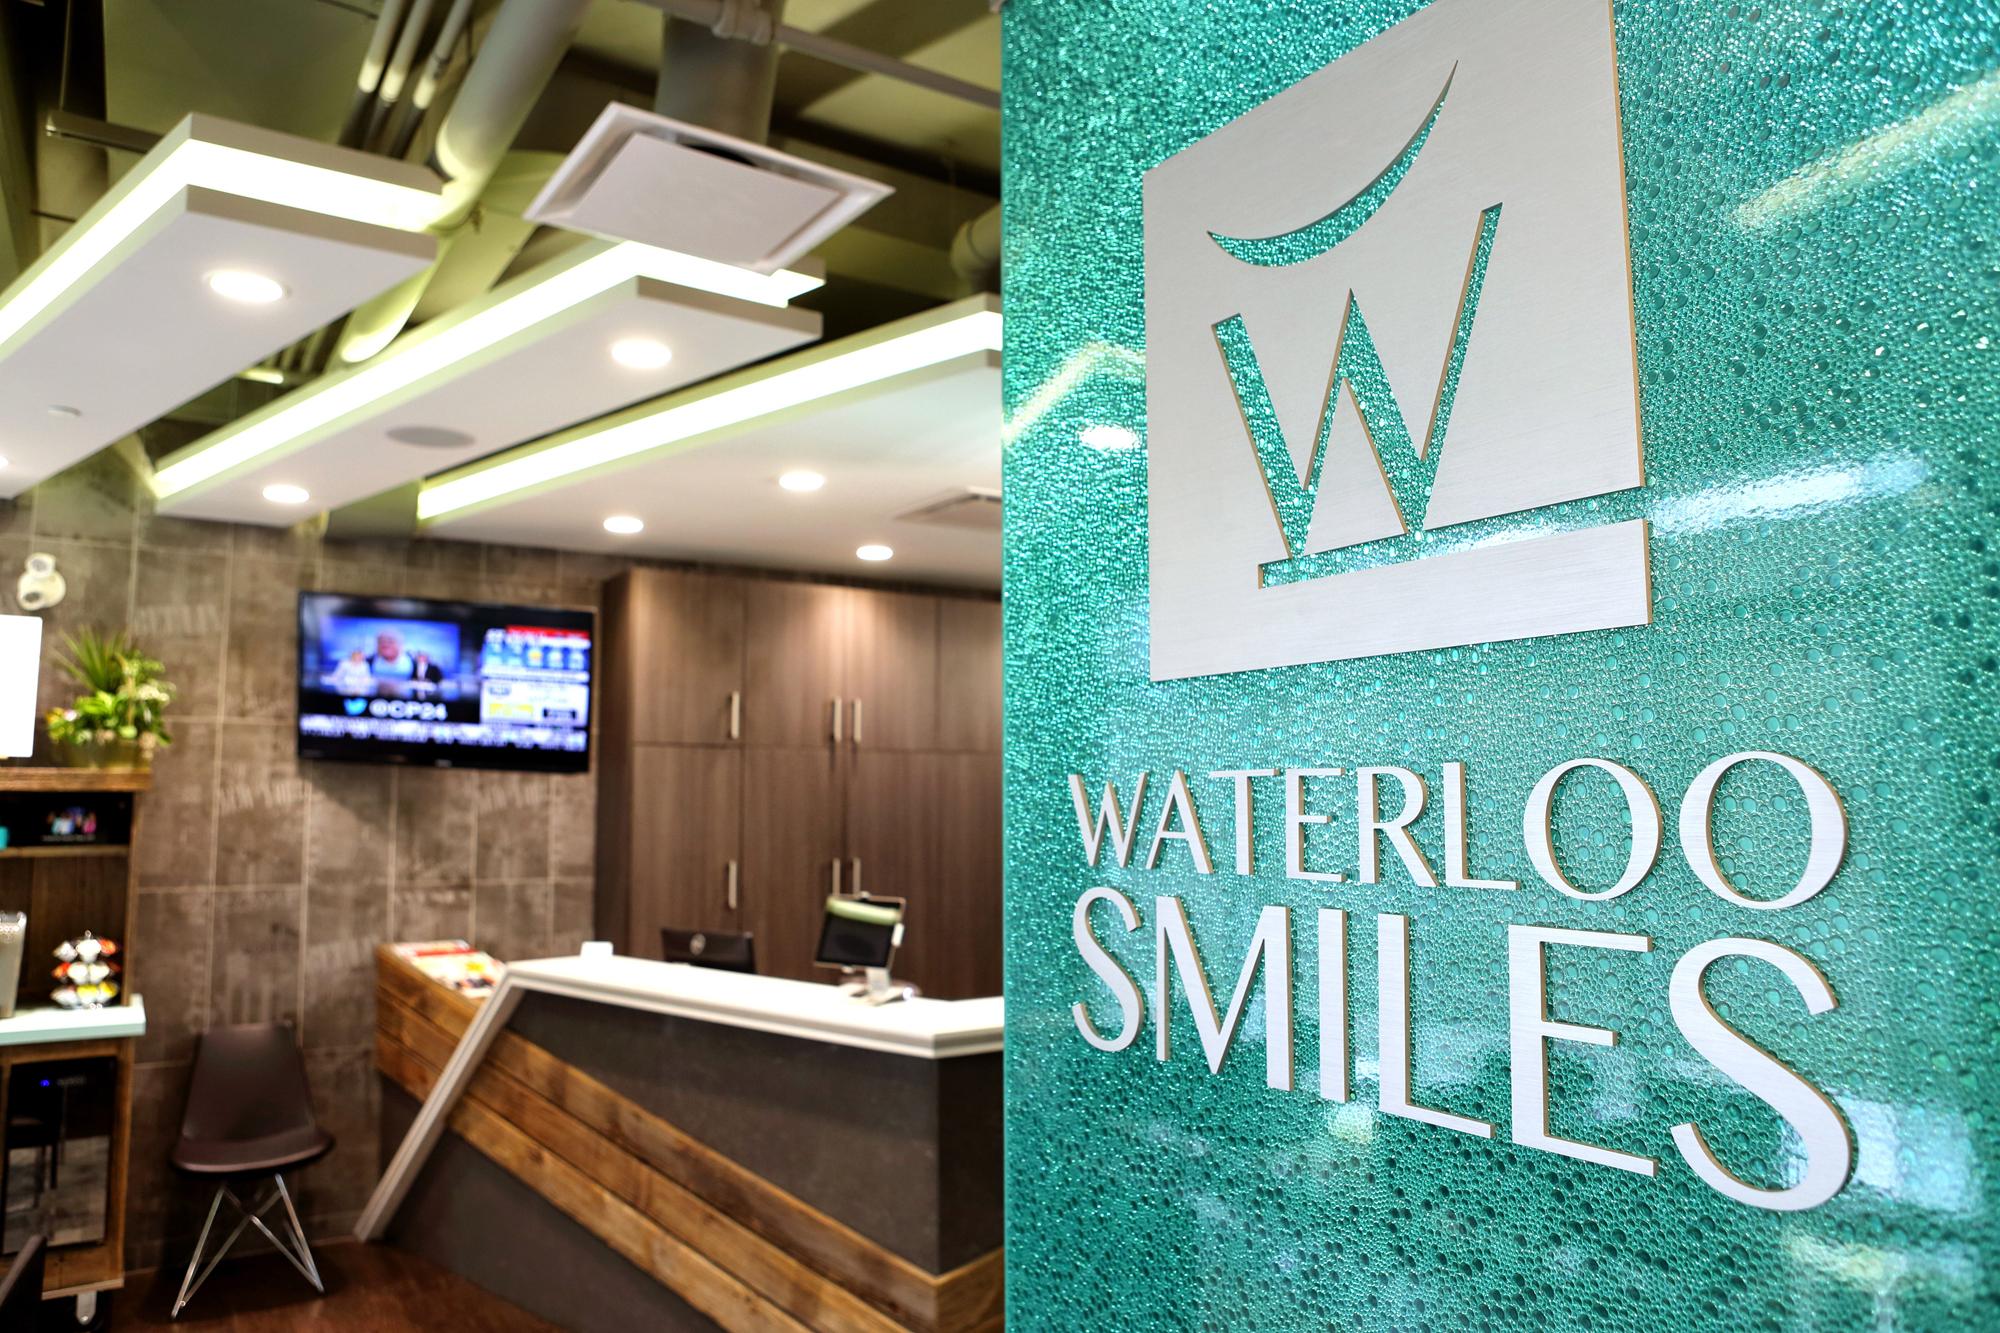 Waterloo Dental